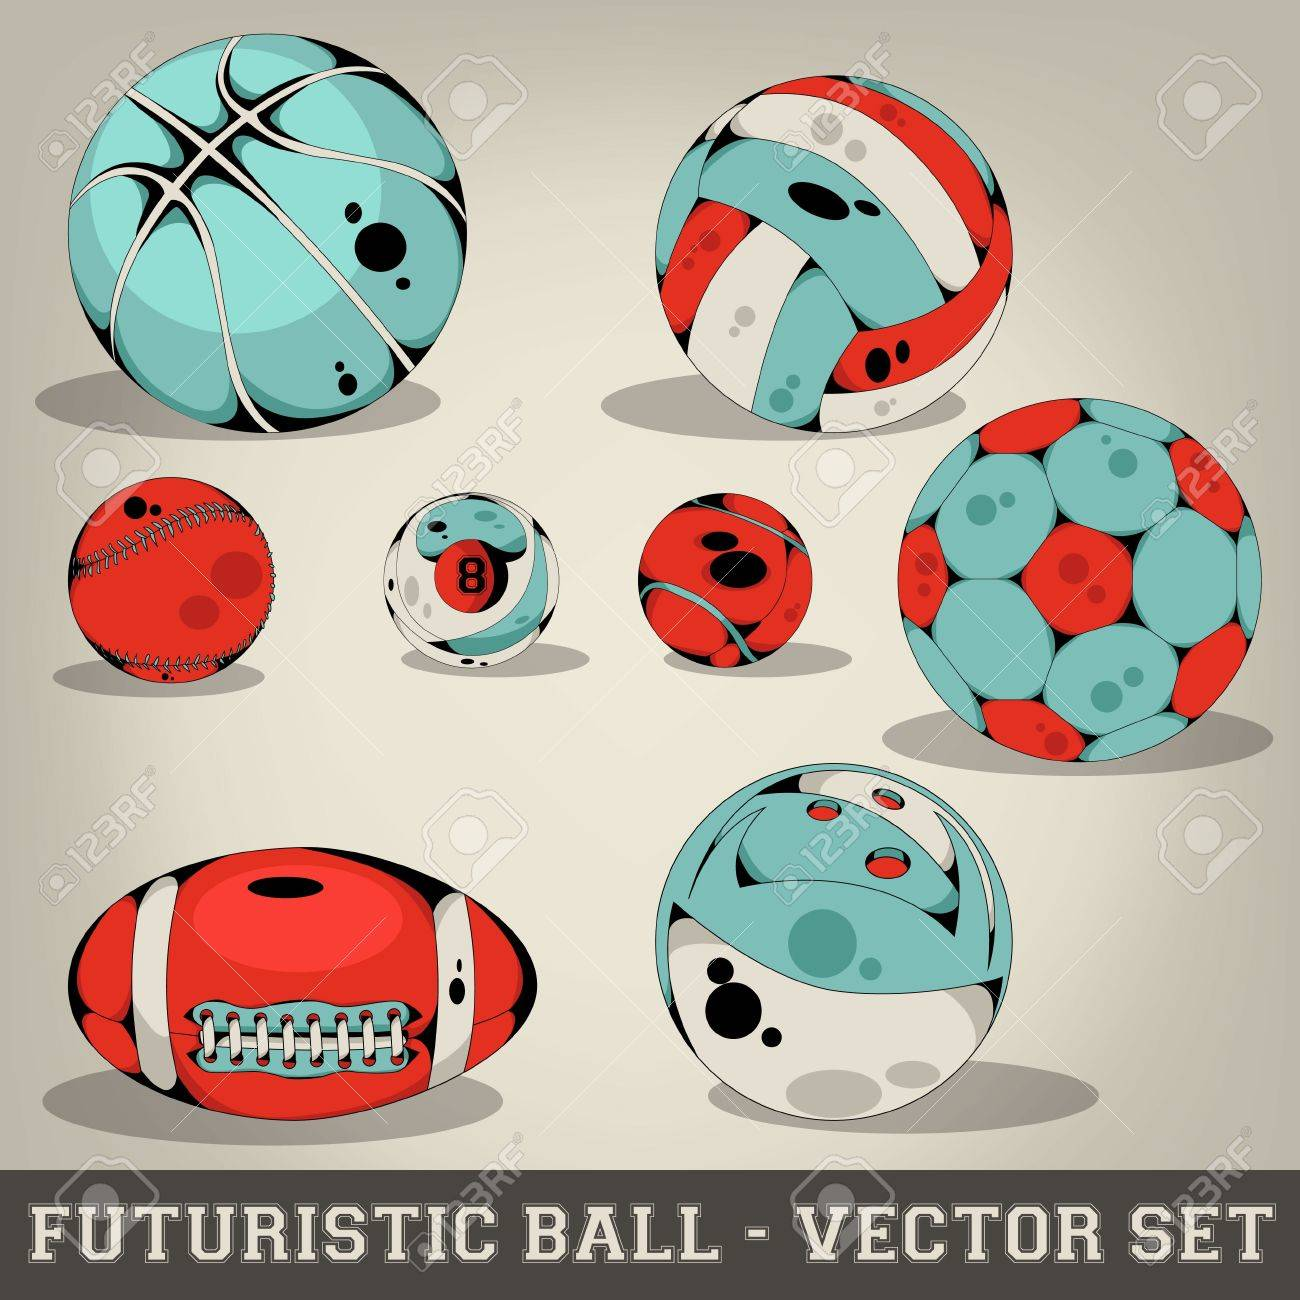 Futuristic Ball Vector Set Stock Vector - 19745521